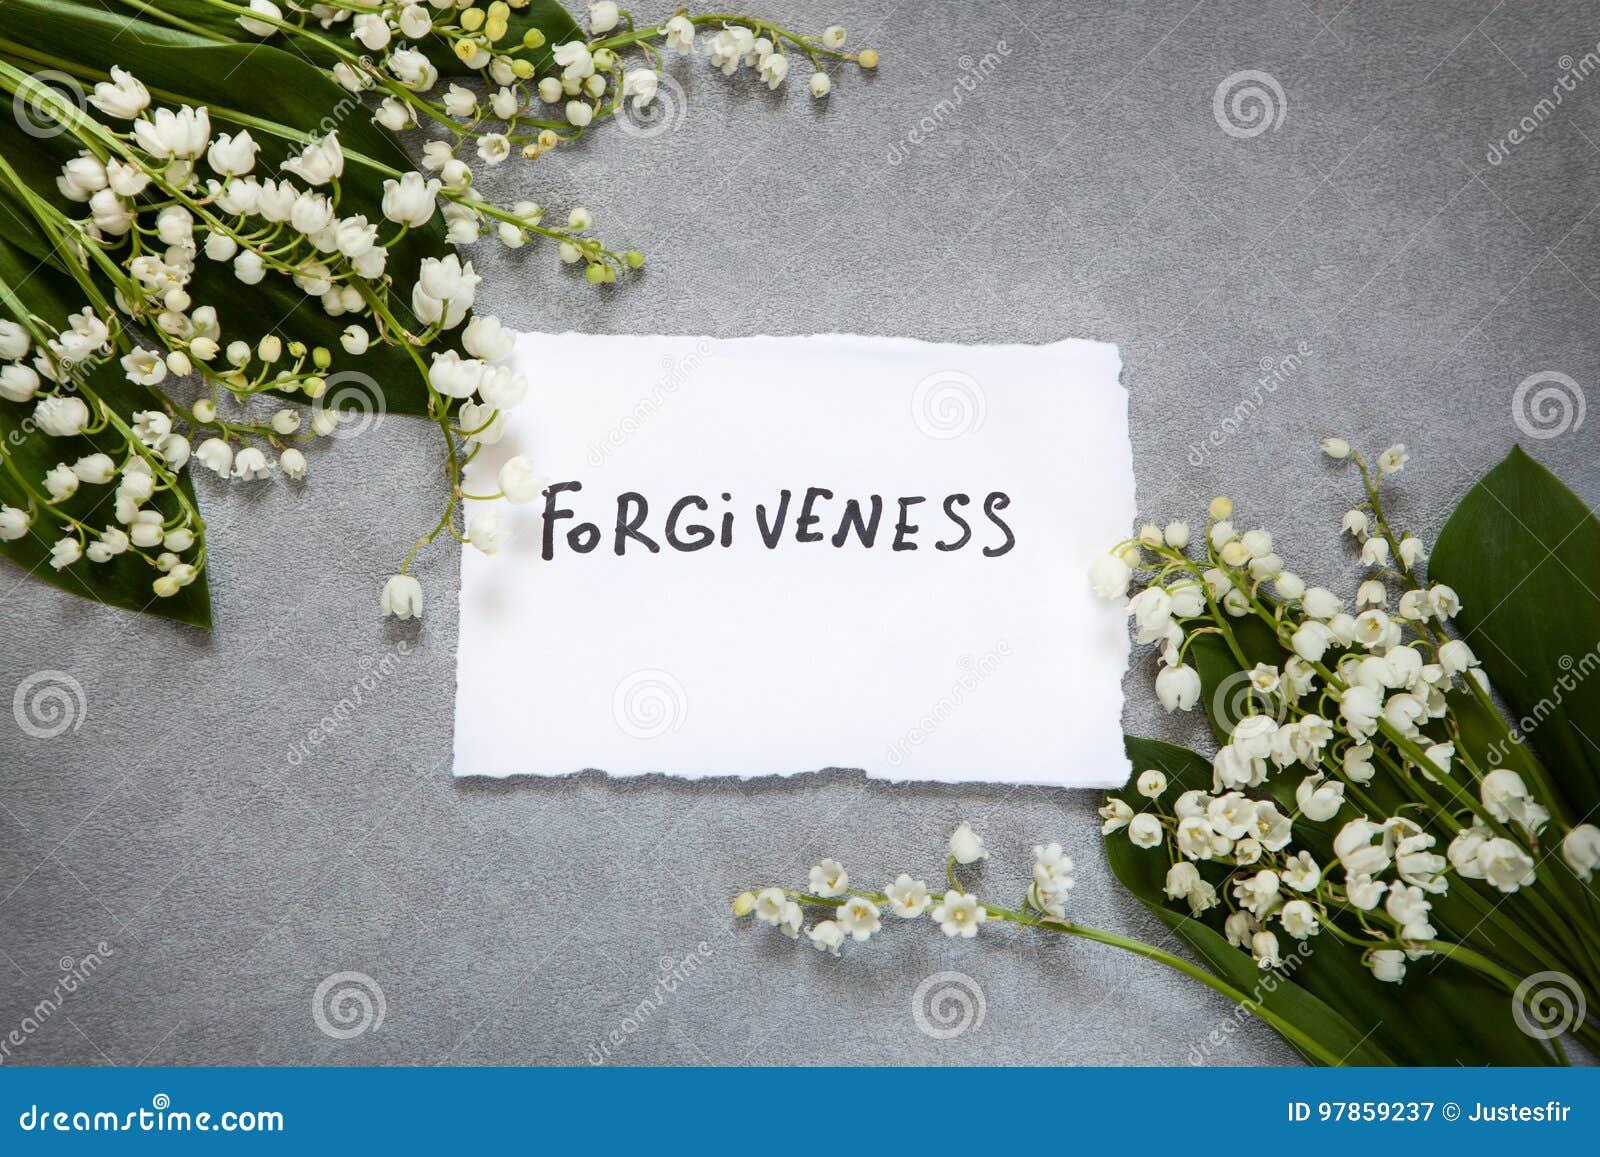 Vergiffeniswoord met witte bloemen